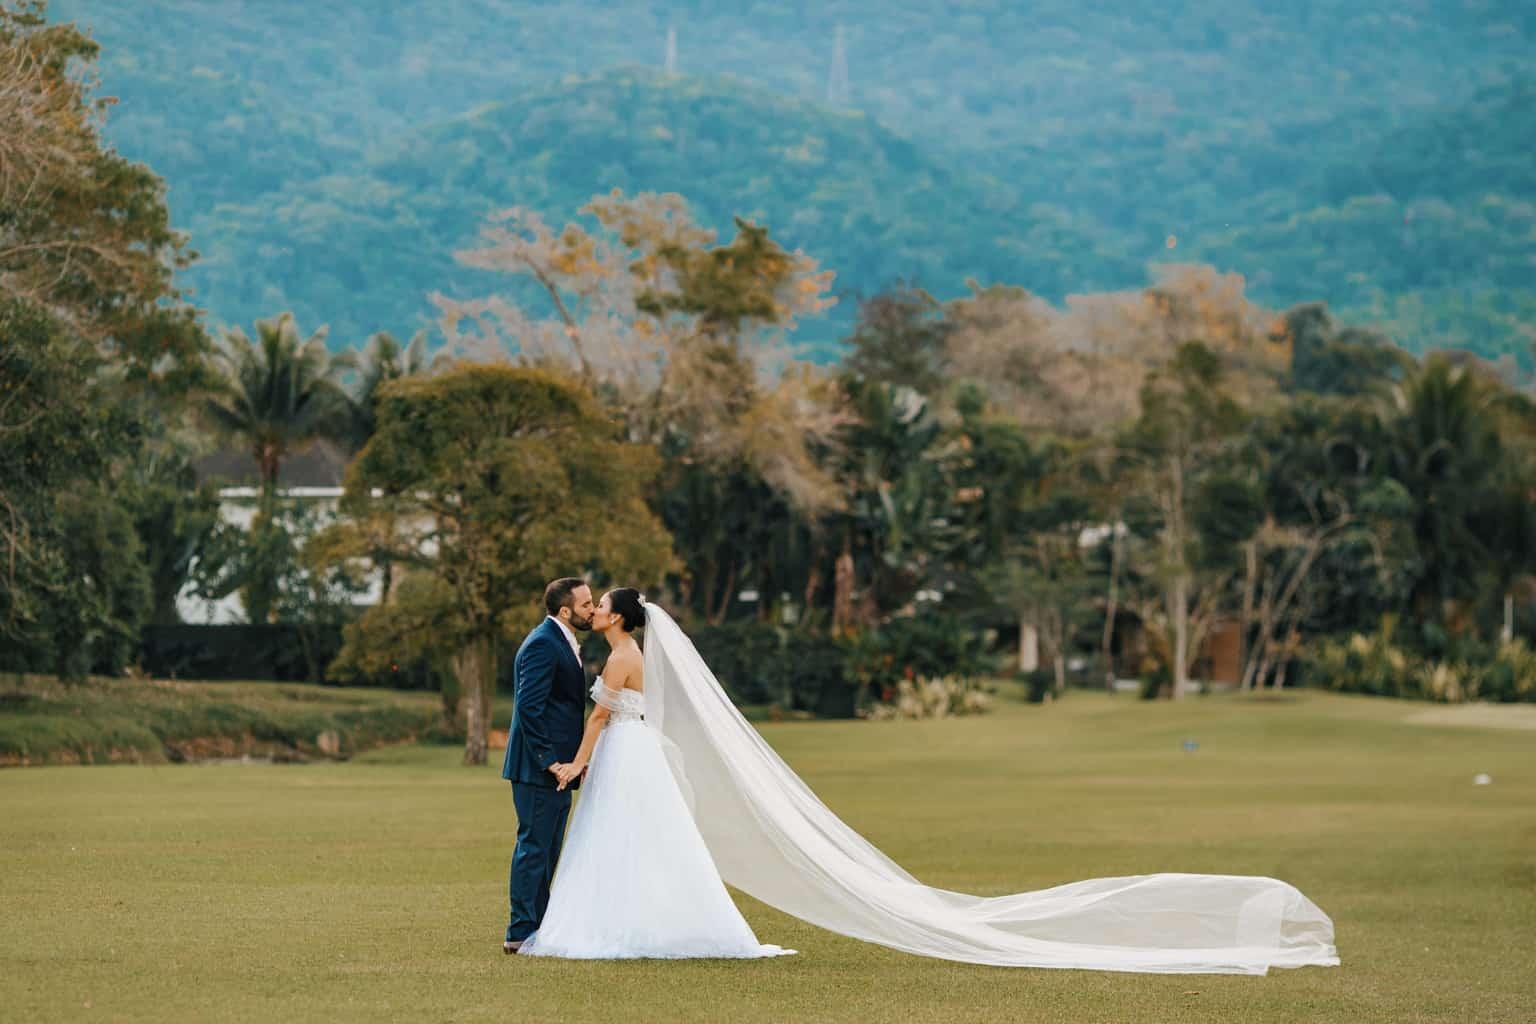 Casamento-Alissa-e-Gustavo-Cerimonial-Manu-Goncalez-Decor-Andrea-Kapps-Fasano-Angra-dos-Reis-Foto-VRebel-fotos-do-casal3639-1